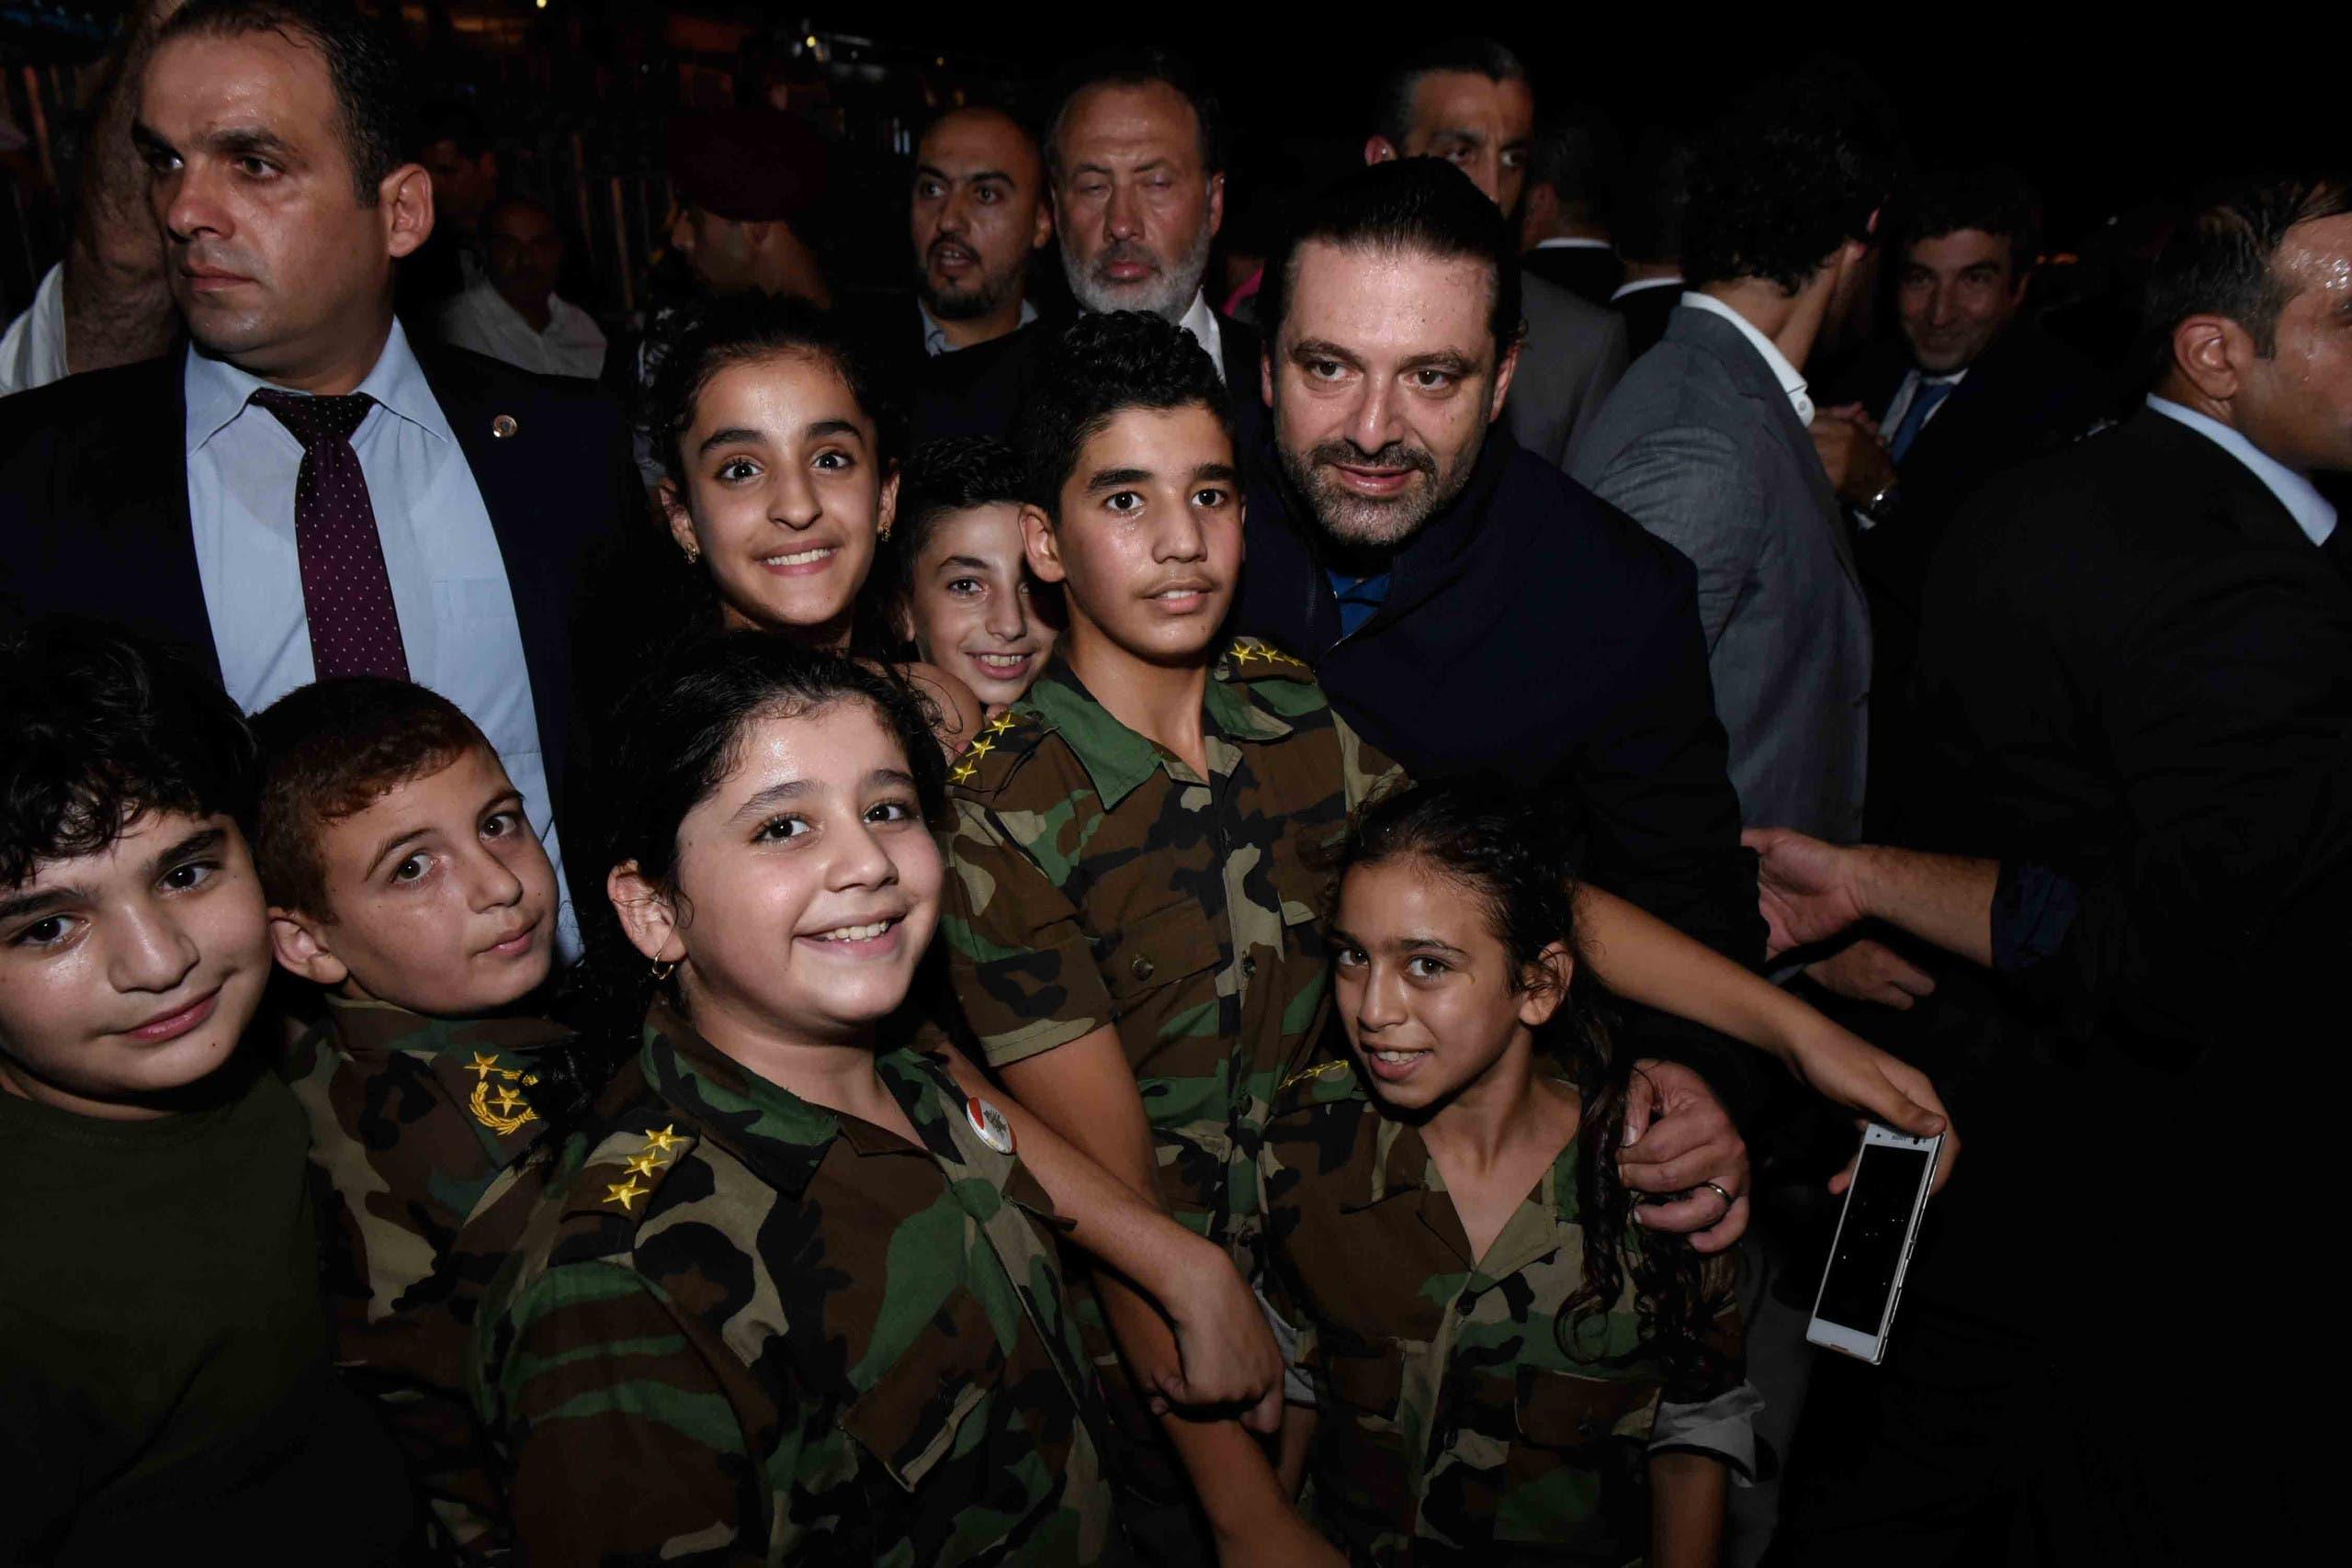 الرئيس سعد الحريري برفقة أولاد شهداء الجيش اللبناني الذين شاركوا بهذه المناسبة من خلال تأدية نشيد خاص